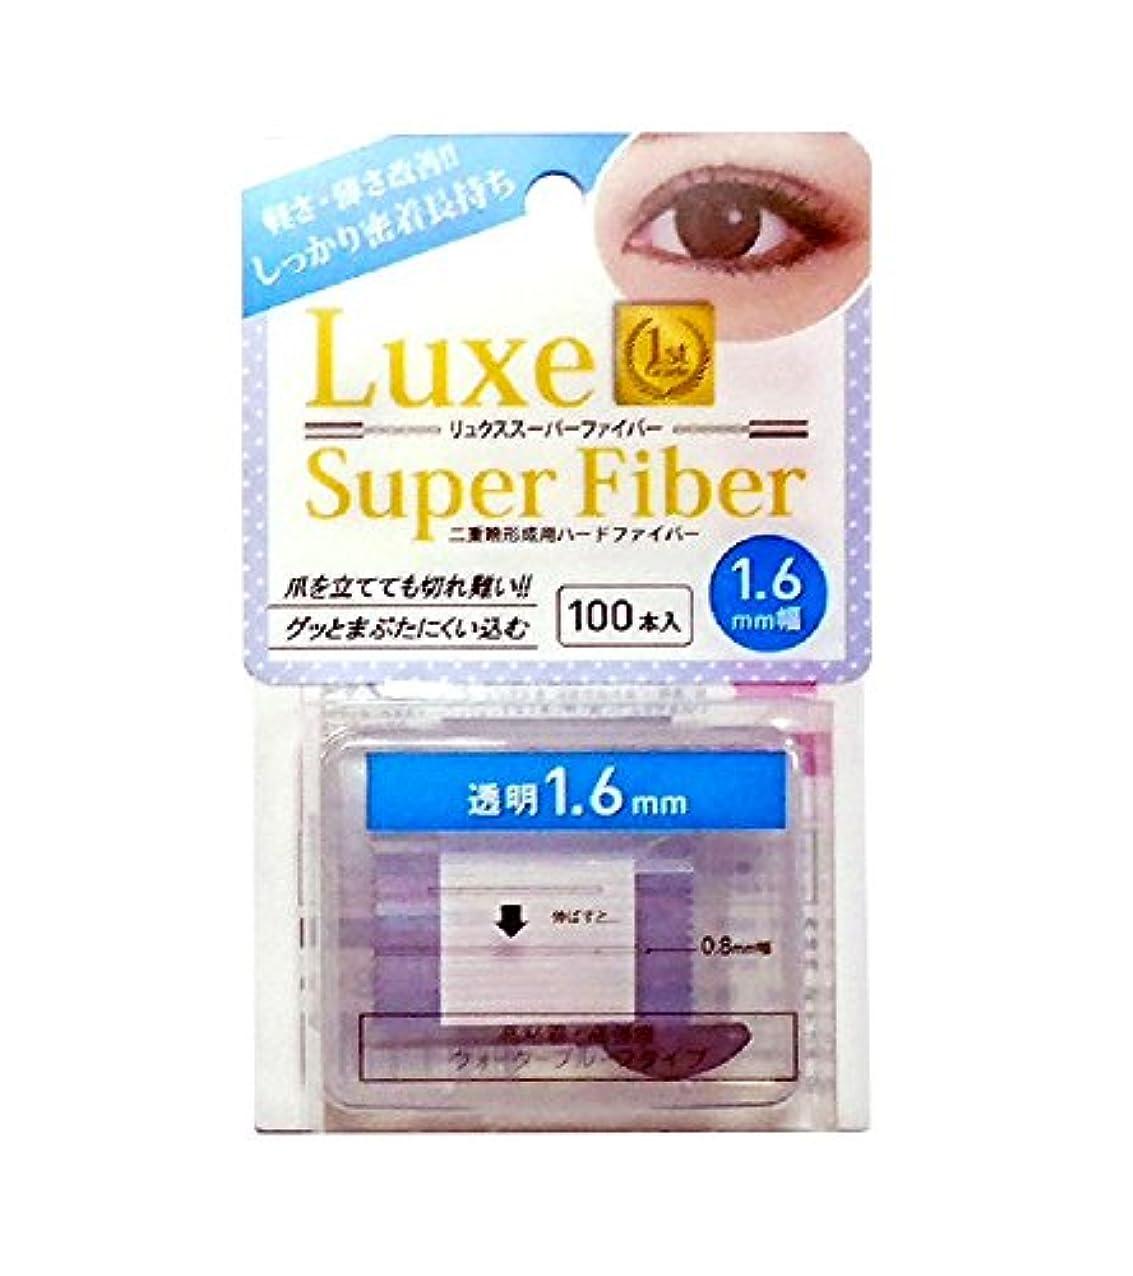 特殊絶壁溶けるLuxe(リュクス) スーパーファイバーII 透明 クリア 1.6mm 100本入り